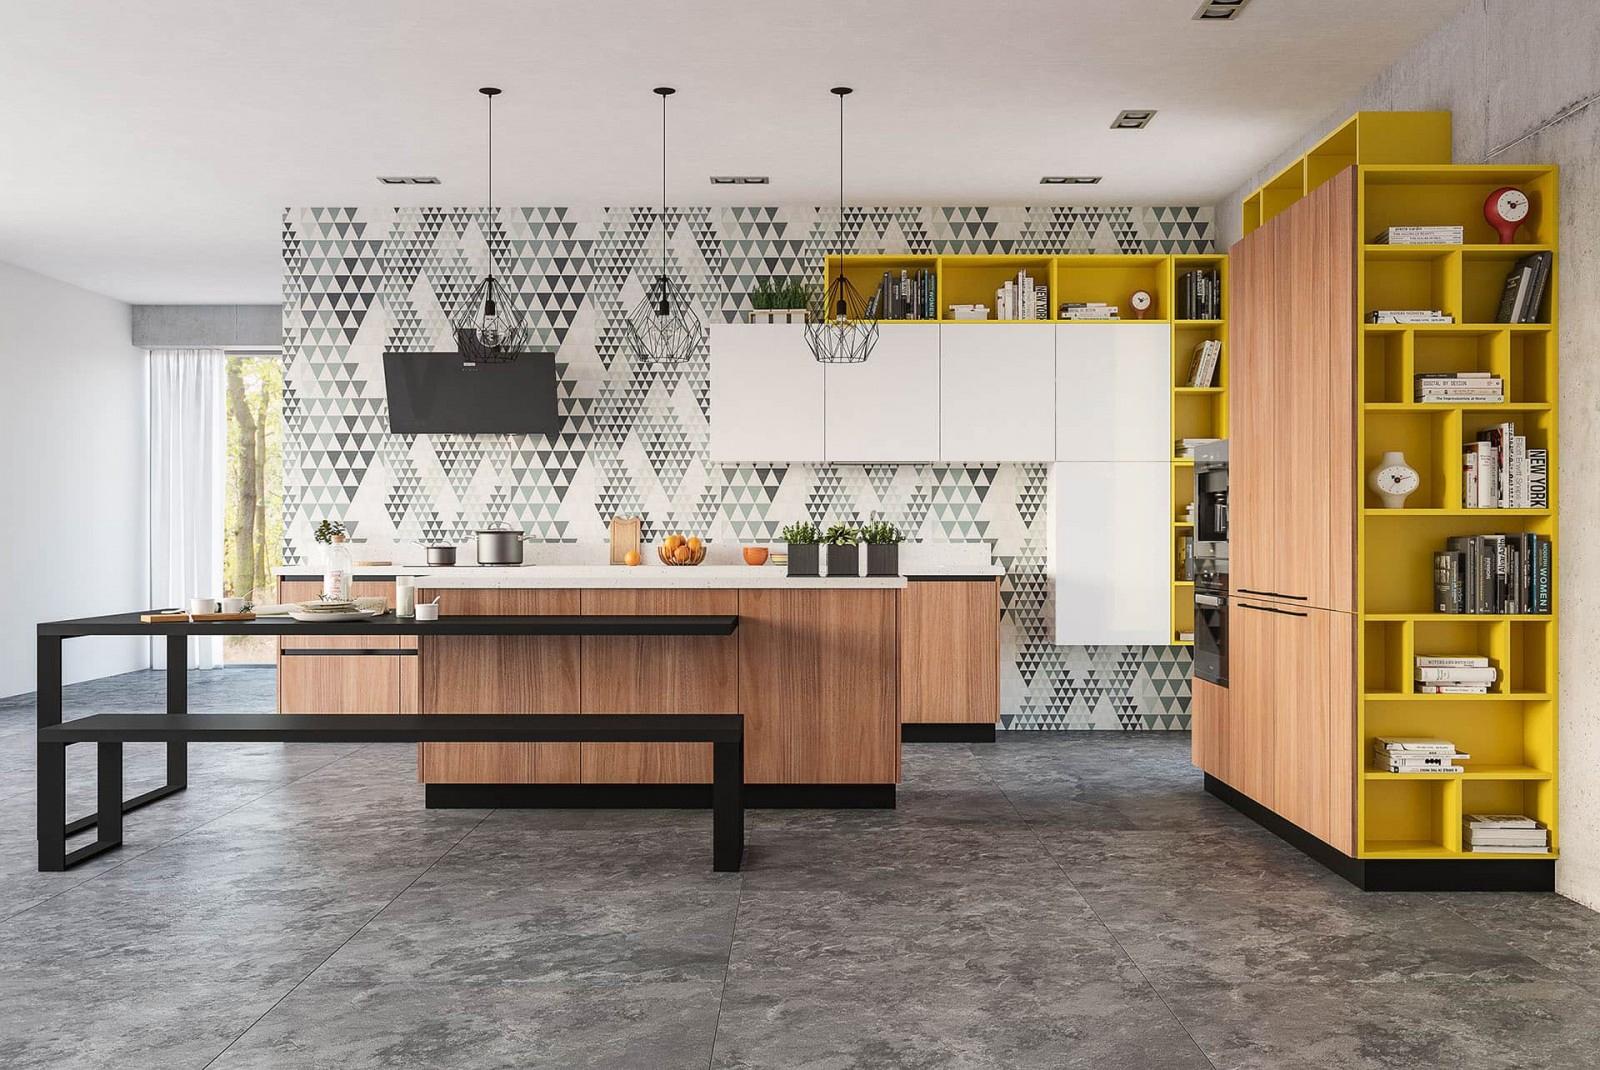 Moderne Küche Ava - Designerküche mit Insel, Esstisch und Bank - Holzoptik/  Weiß/ Gelb